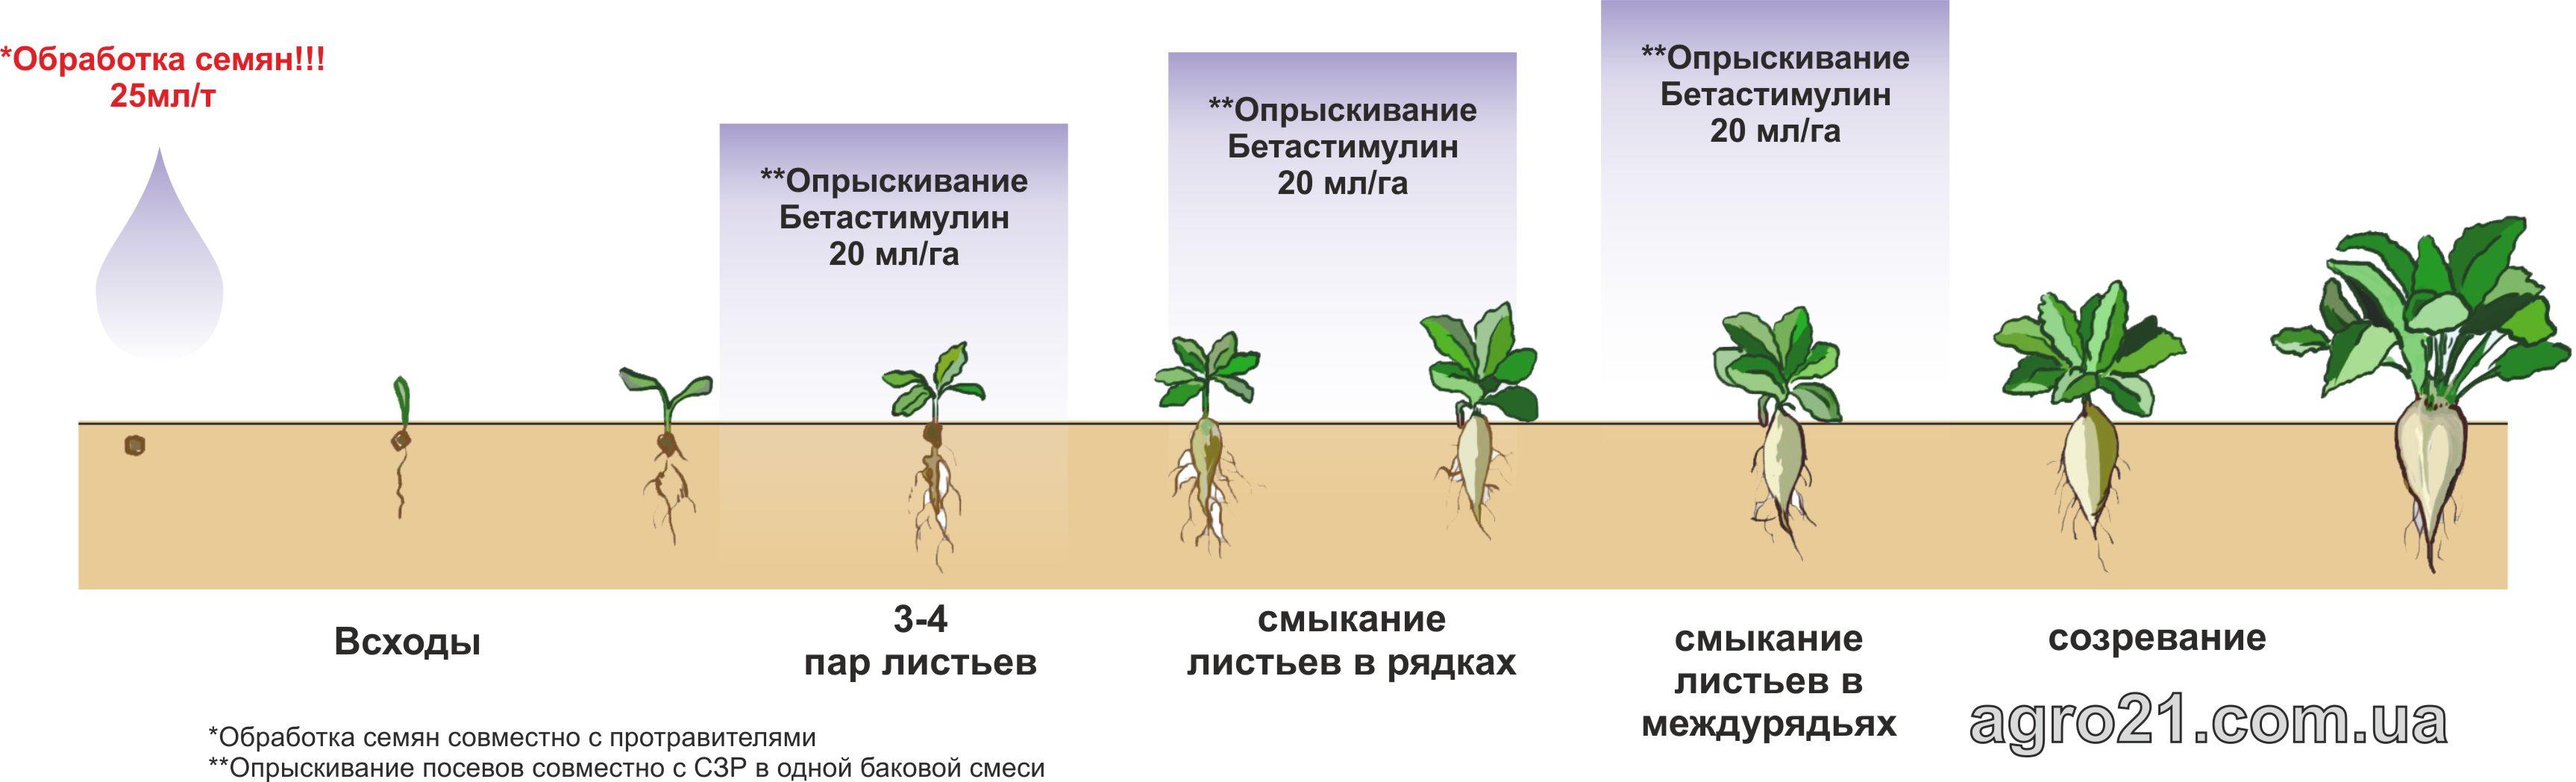 Бетастимулин. Схема применения стимулятора роста растений на посевах сахарной свеклы